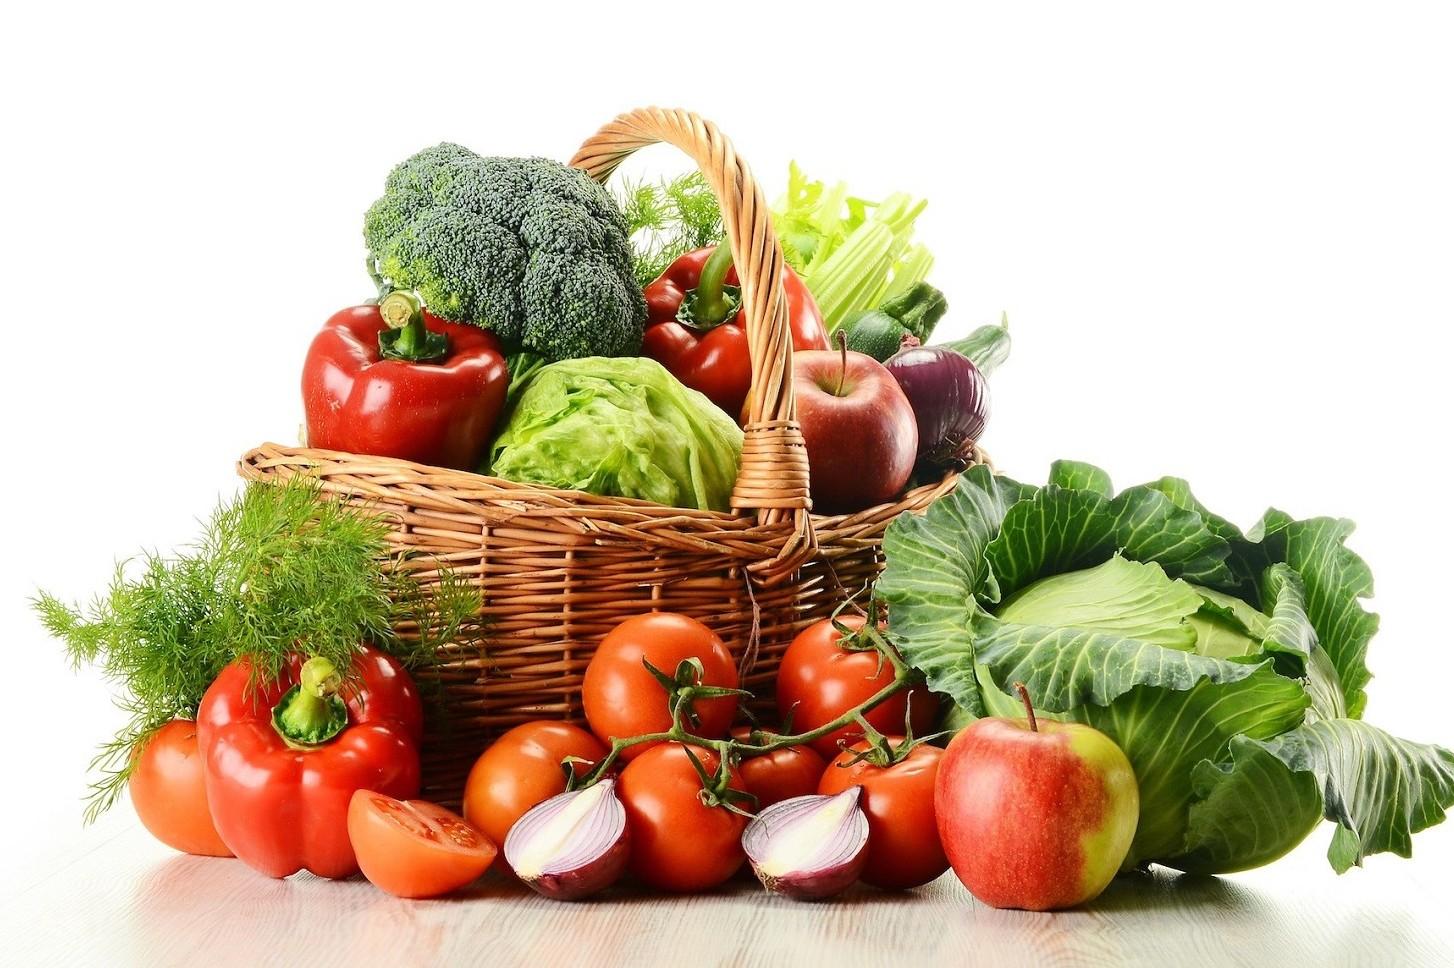 Prodotti biologici, nuovo regolamento Ue